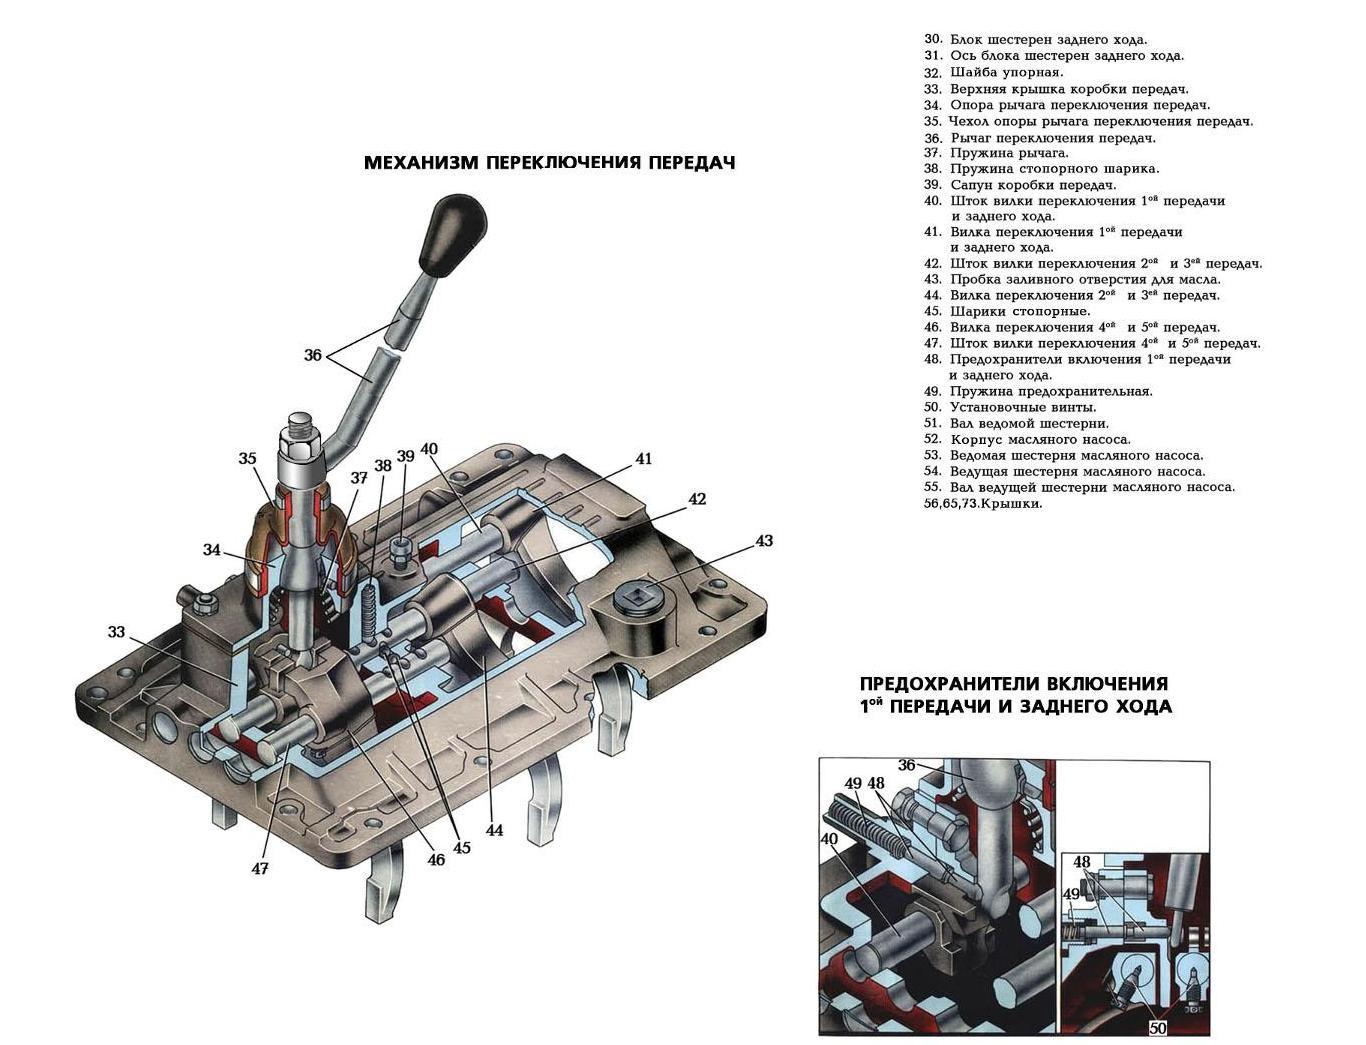 Схема коробки передач на урале фото